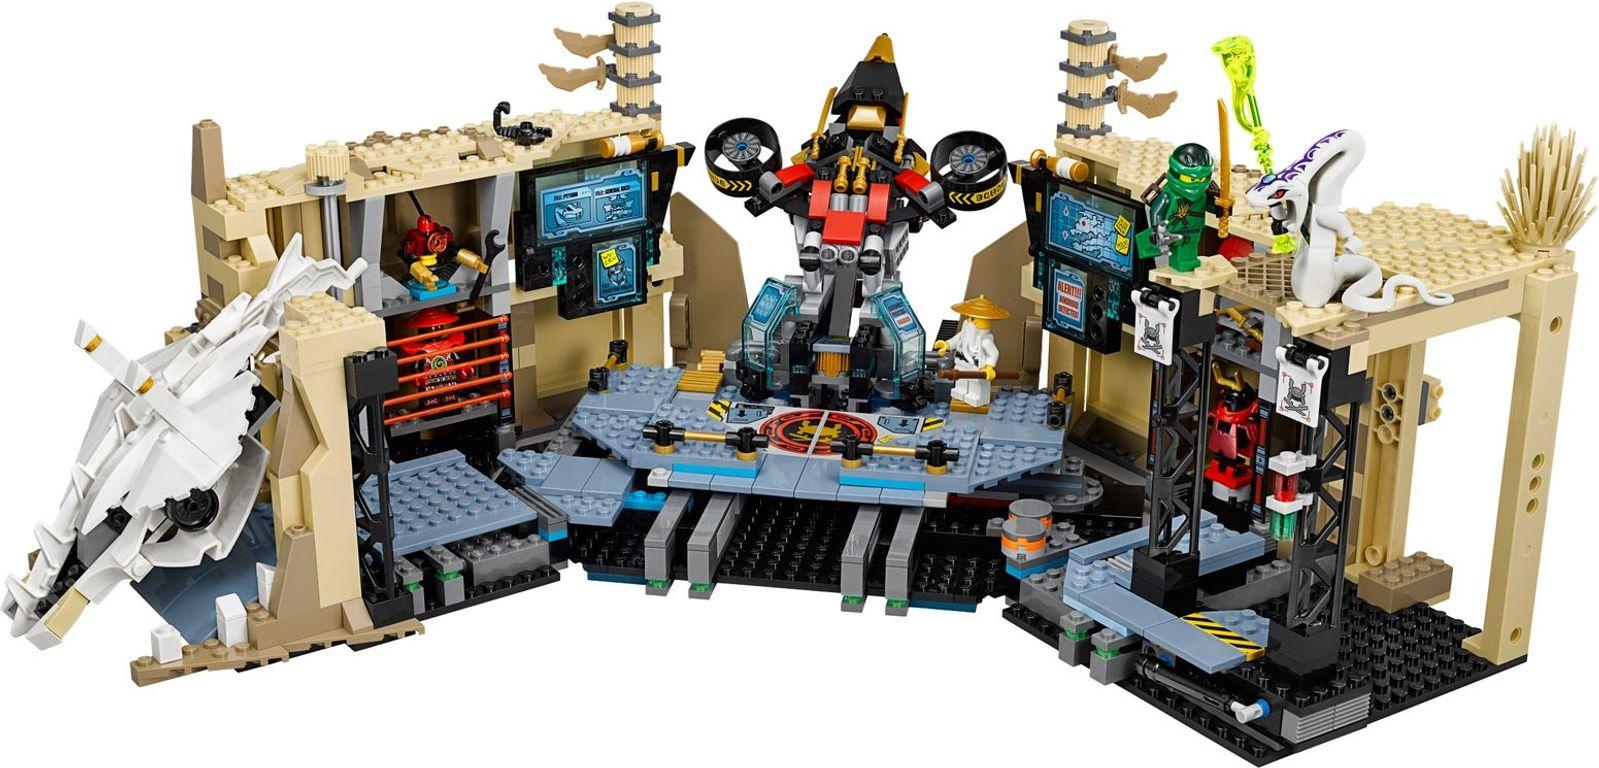 LEGO® Ninjago Samurai X Cave Chaos components